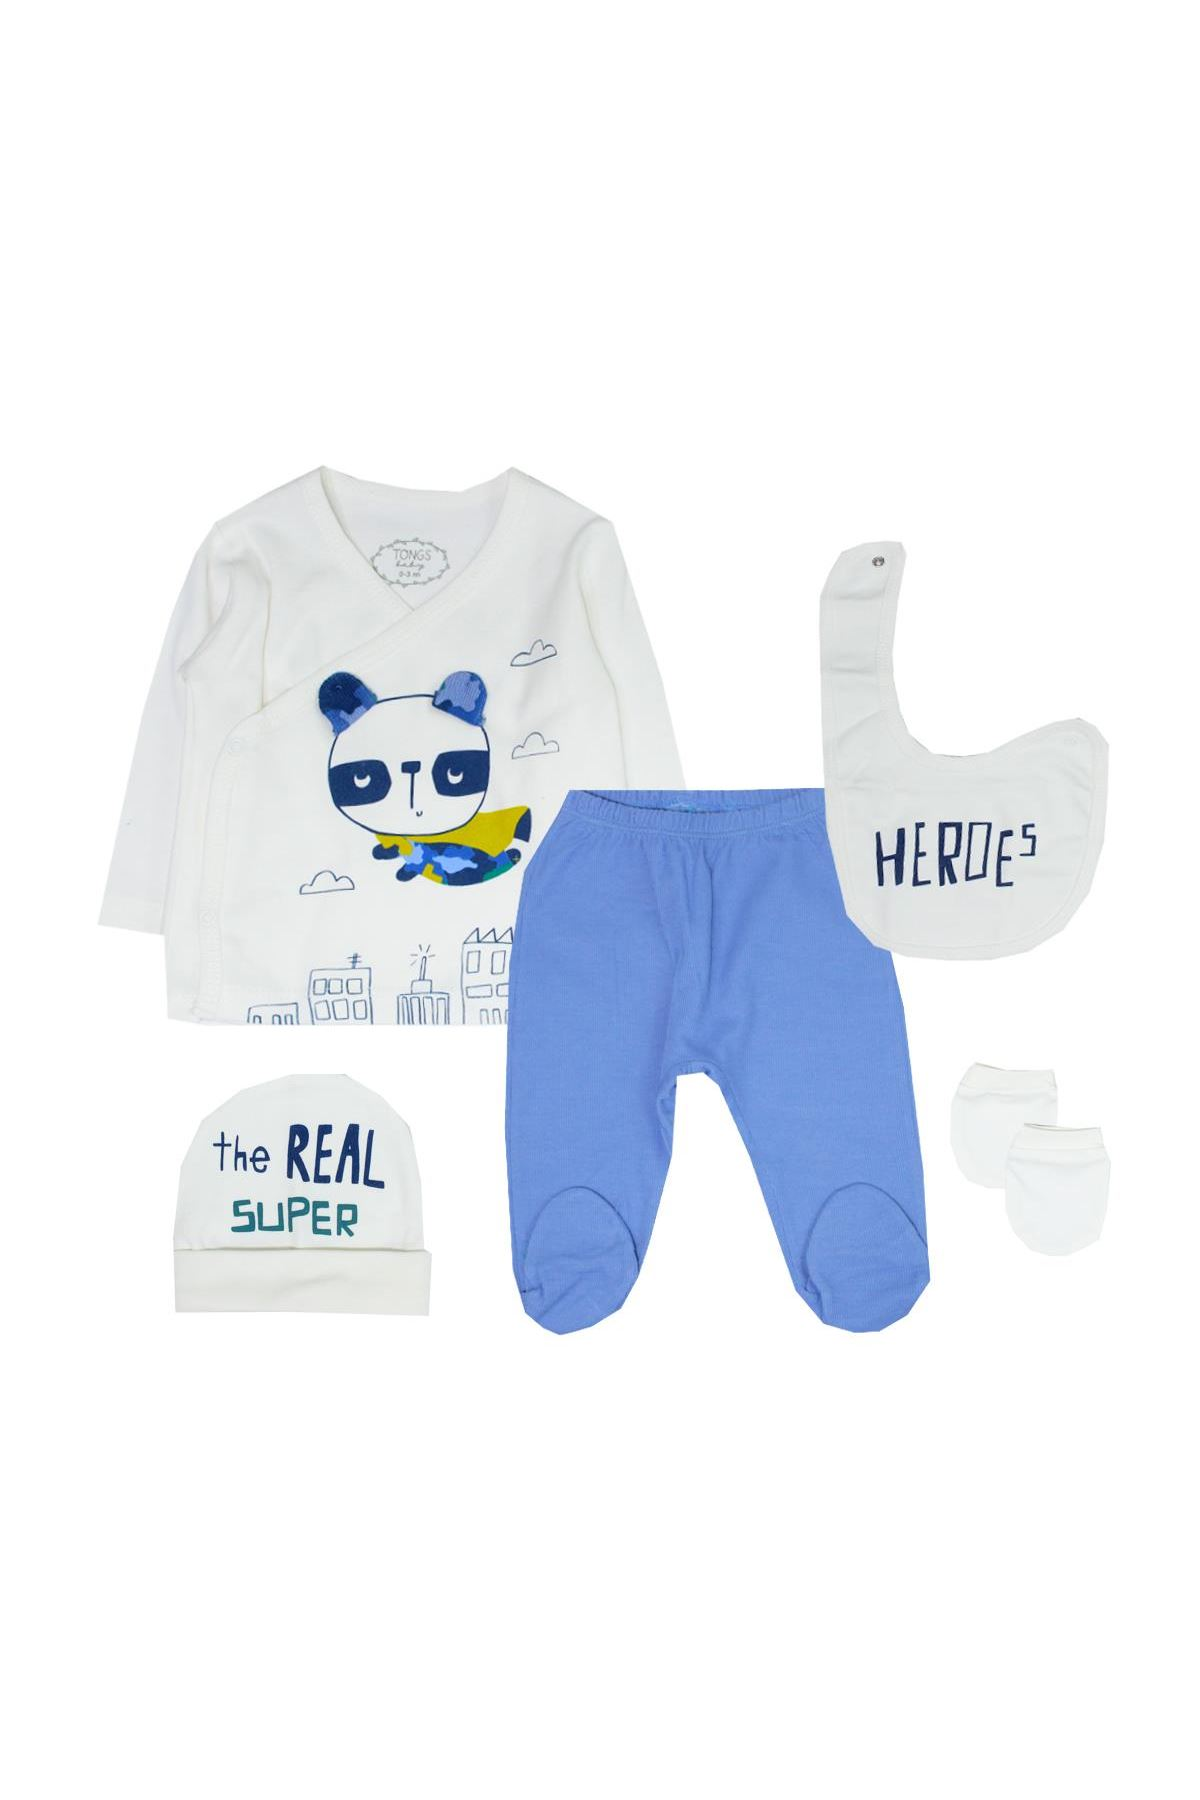 Tongs Baby Bebe Zıbın Takım 2685 Mavi